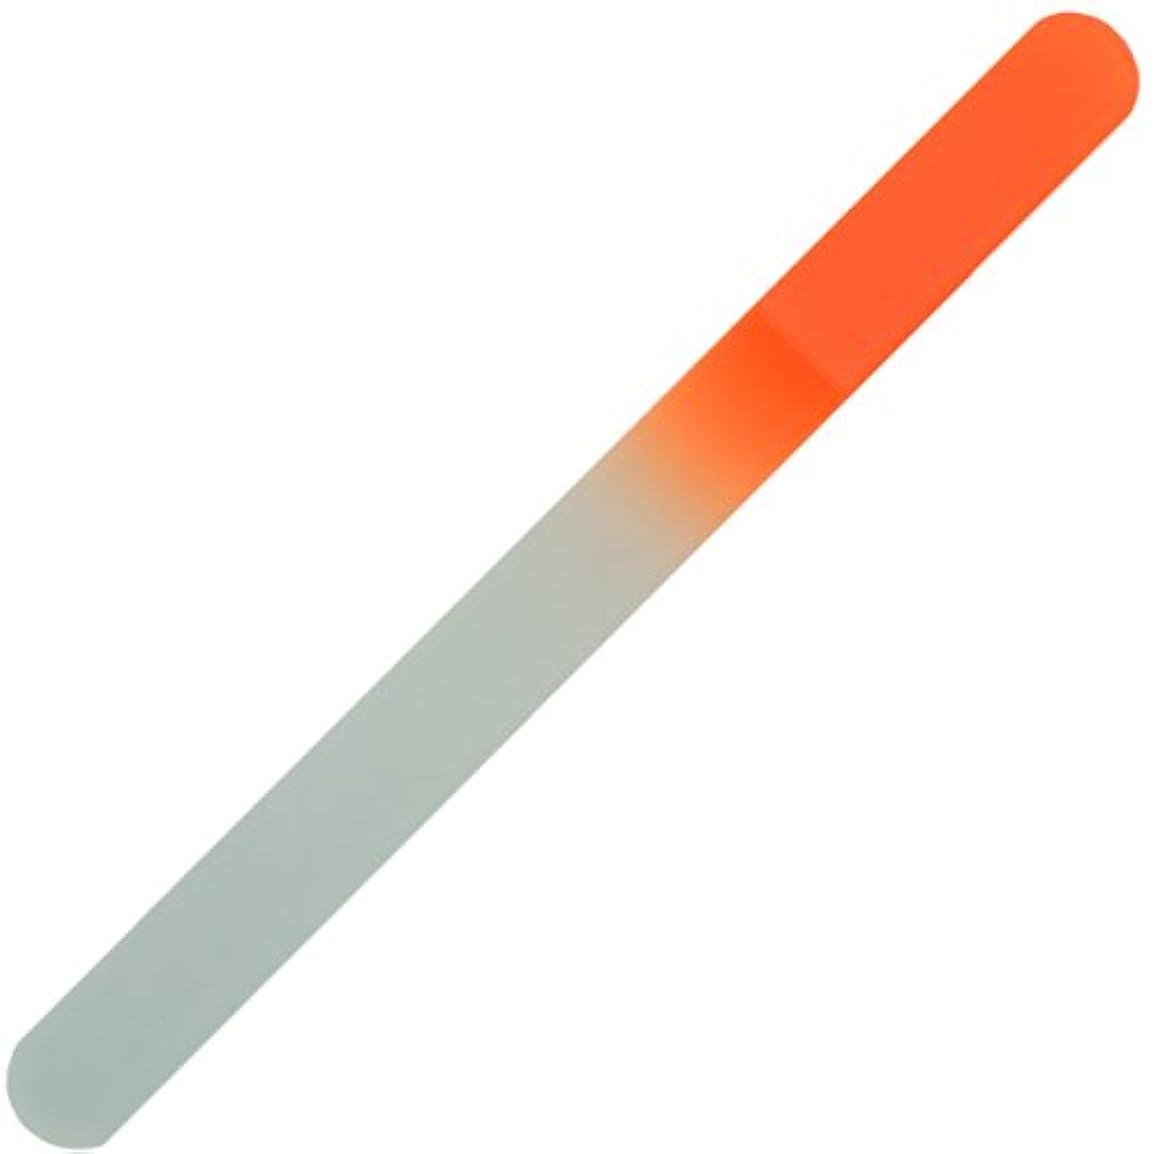 表面的な案件正確さチェコ の職人が仕上げた ガラス製 爪やすり 135mm 両面タイプ オレンジ  (透明ソフトケース入り)